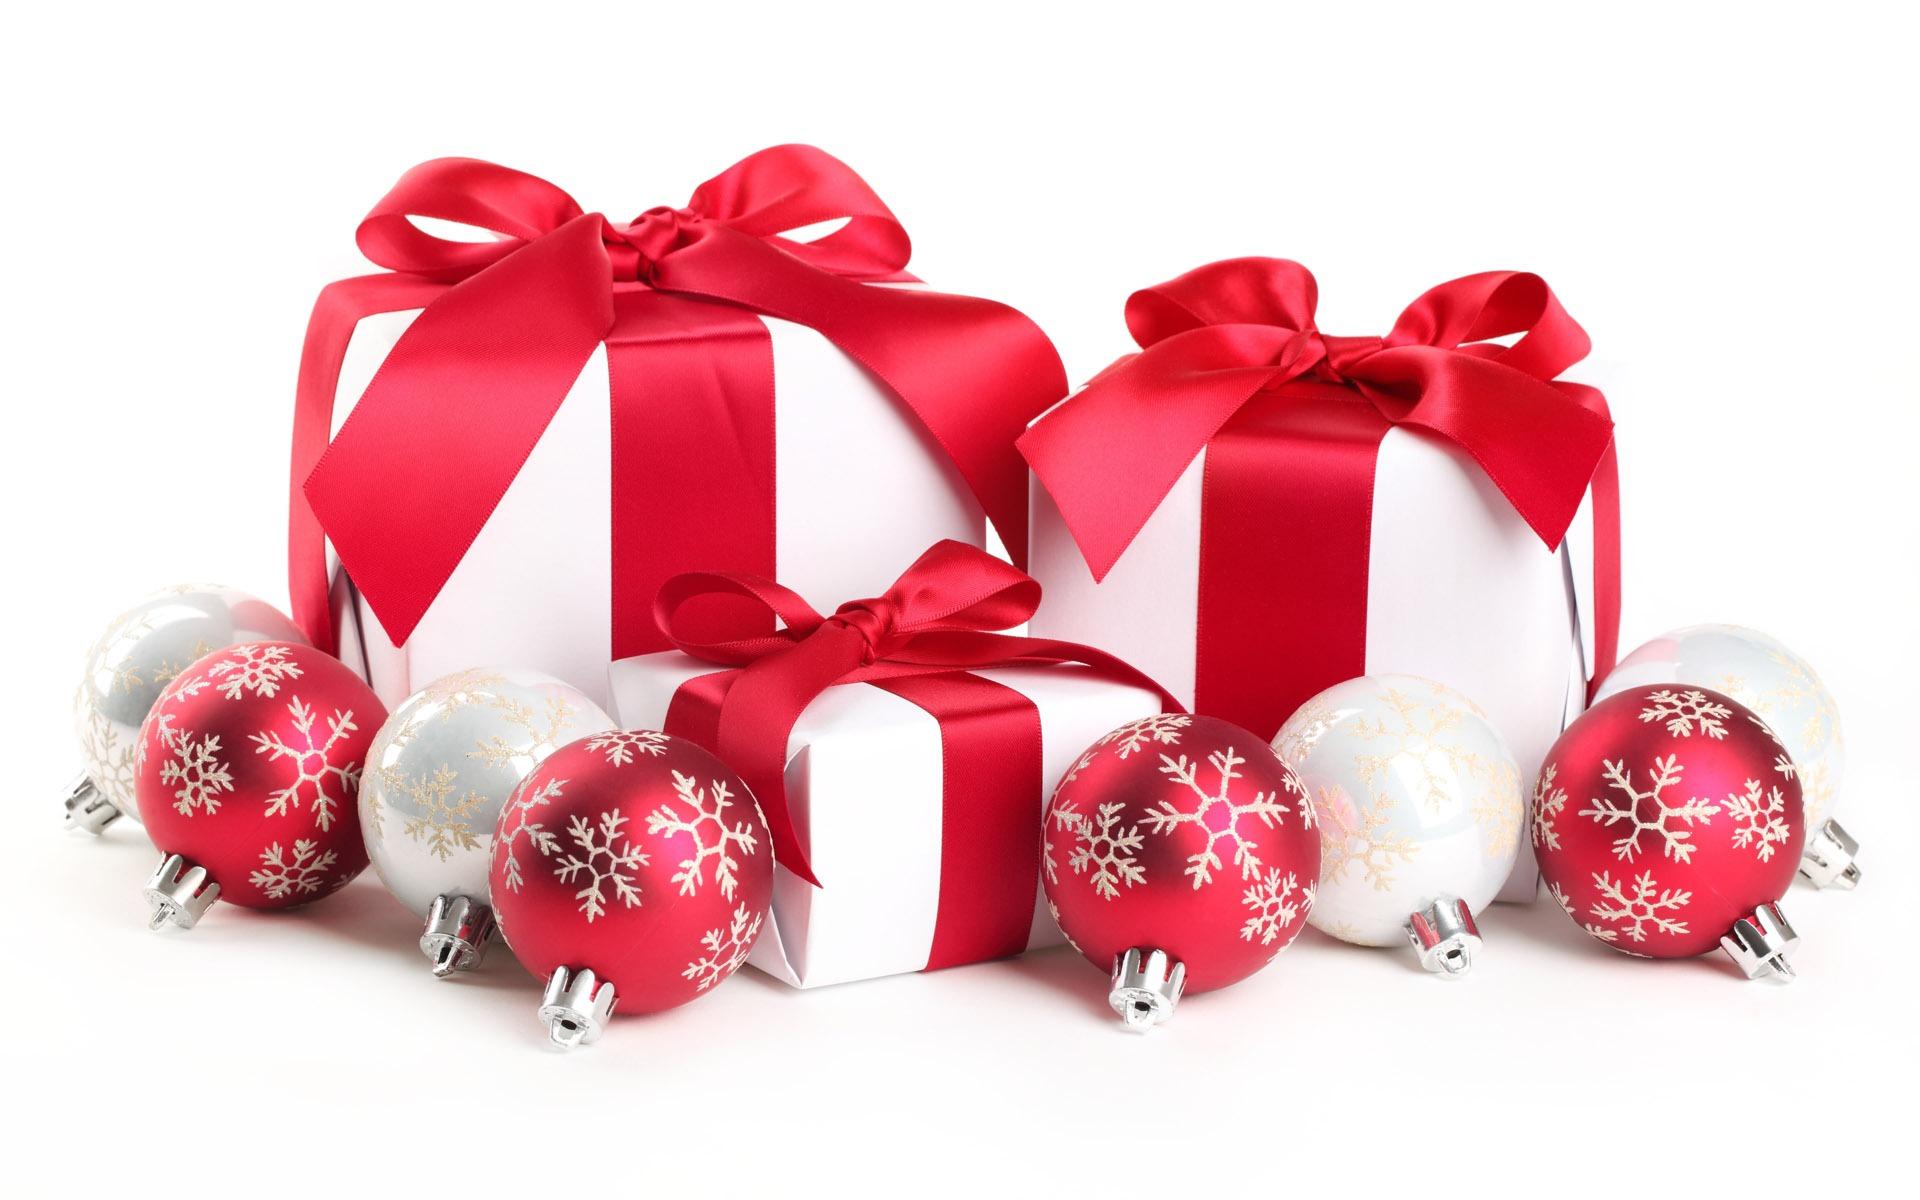 クリスマスボールの壁紙 (2) #10 - 1920x1200 壁紙ダウンロード - クリスマスボールの壁紙 (2 ...